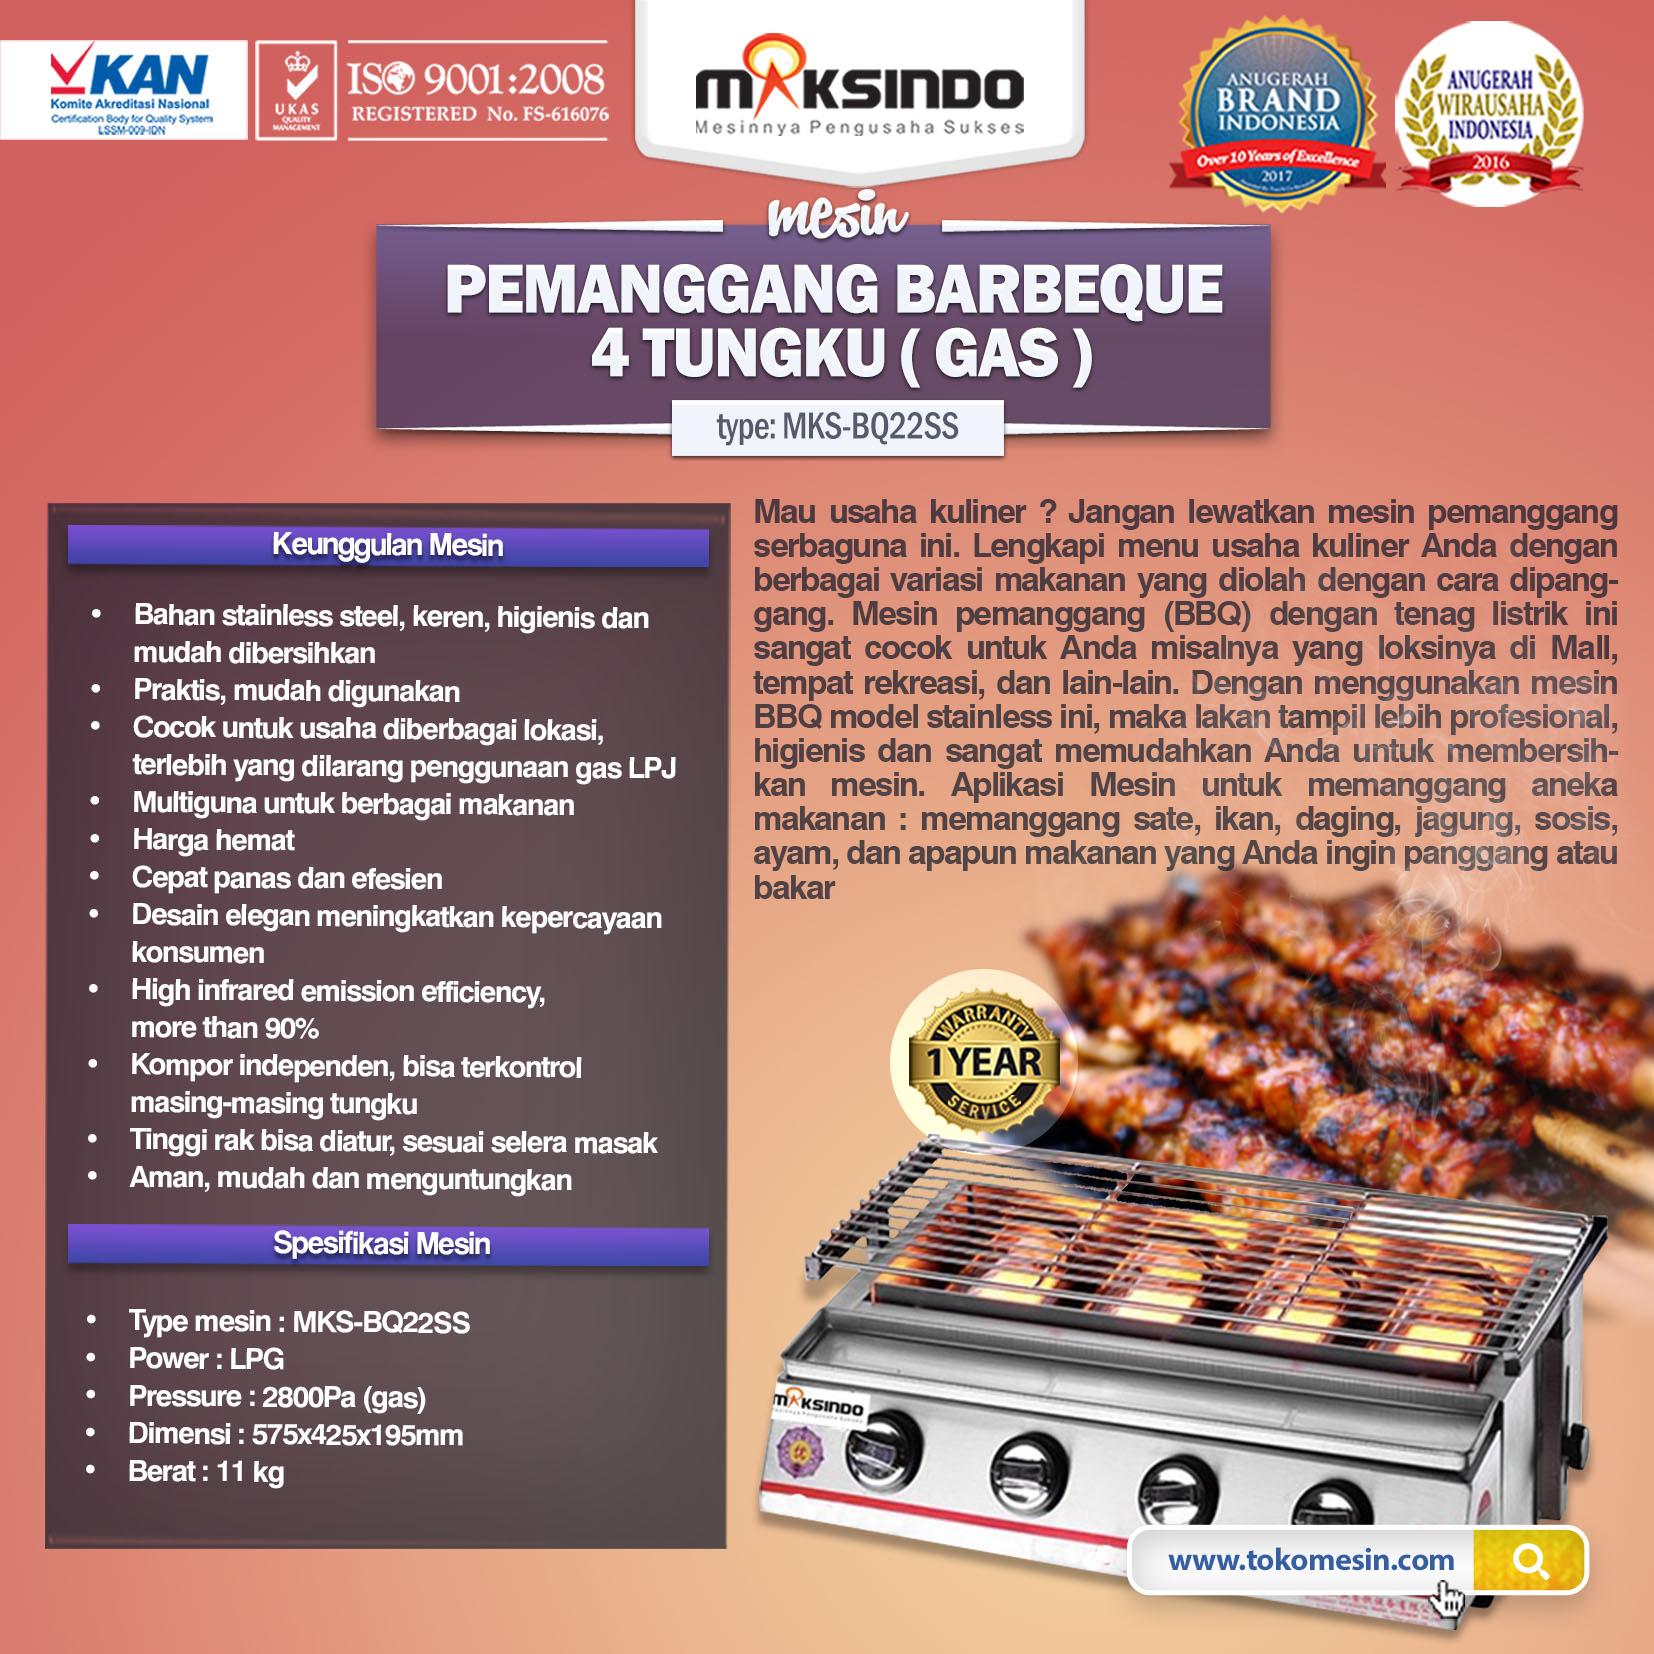 Index Of Wp Content Uploads 2017 04 Kompor Spiral Minyak Diesel Tungku Pemanggang Bbq Stainless Gas 4 1